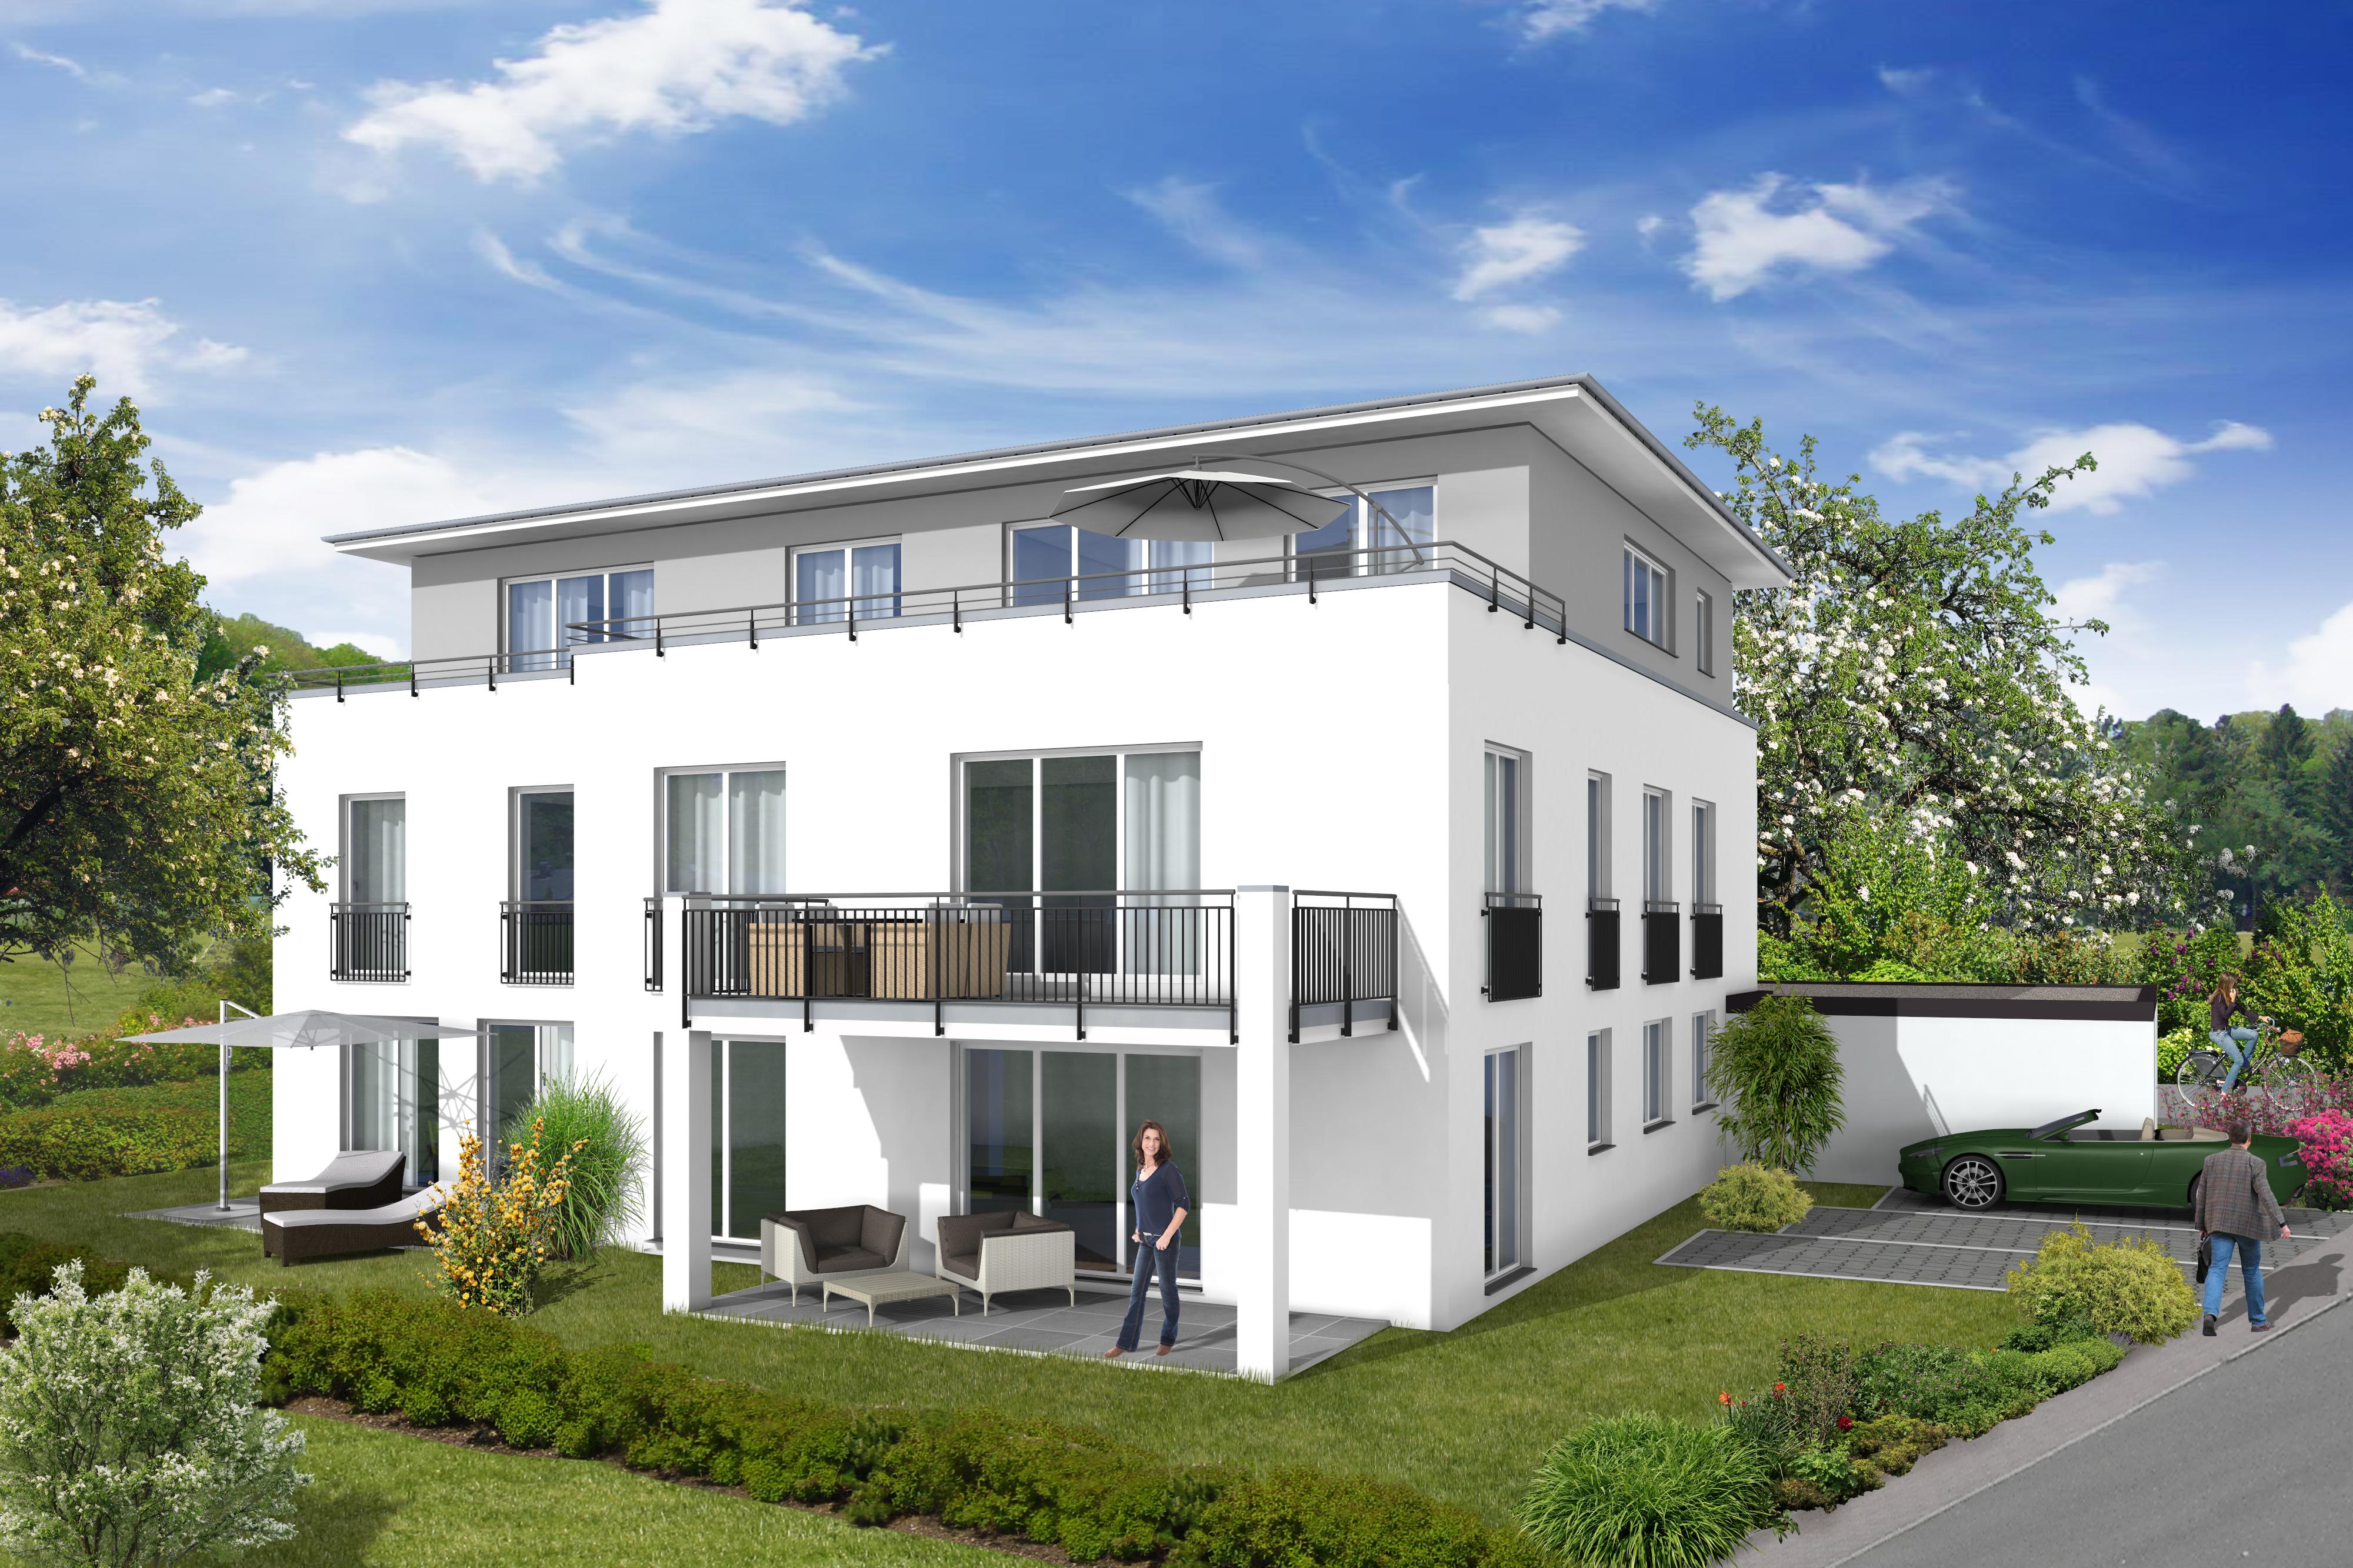 Bauunternehmen Ravensburg fresh ravensburg wohnungen ways debt services us